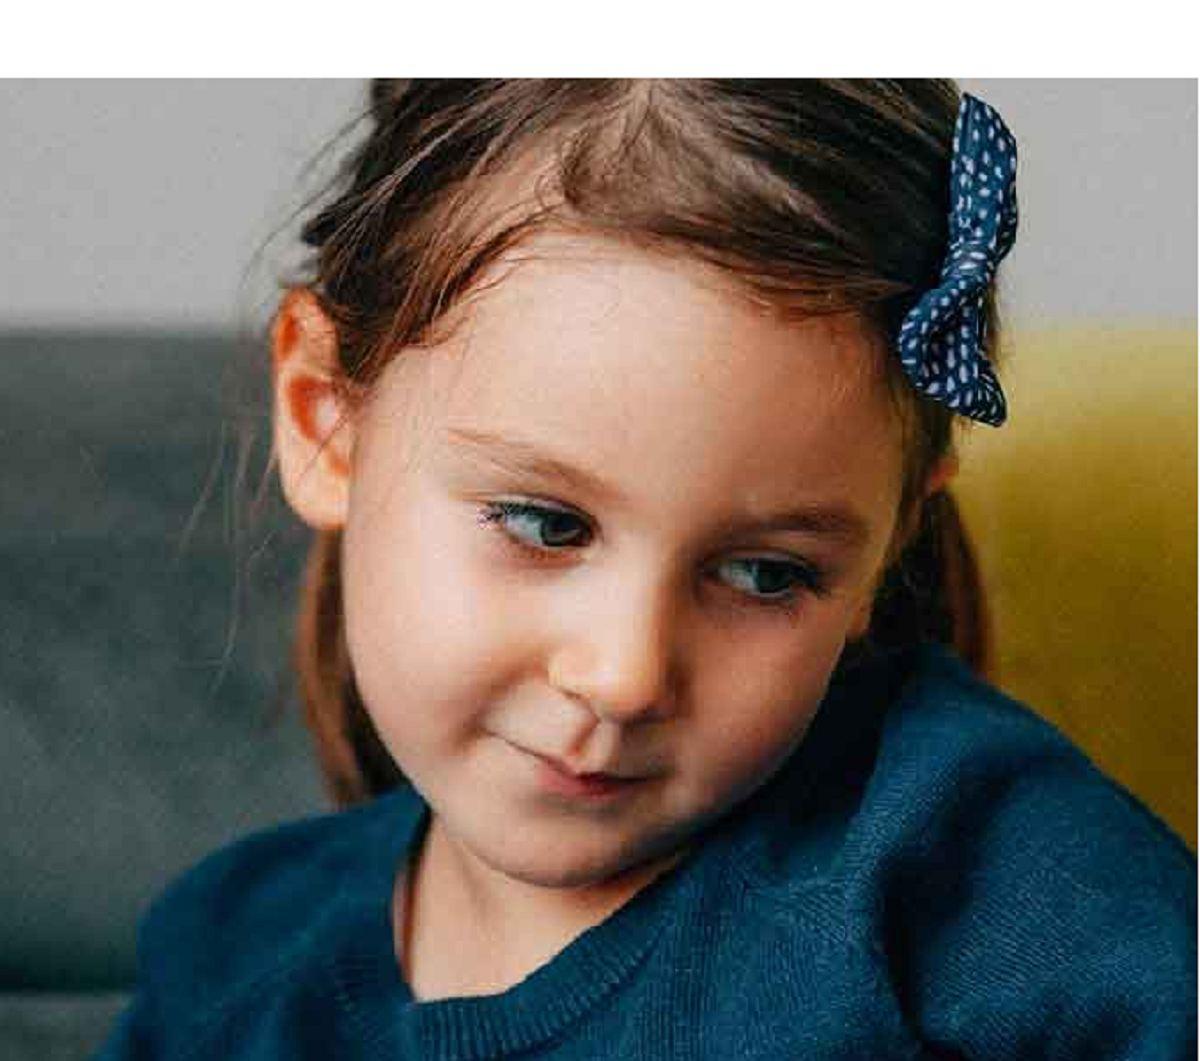 علت کمرویی و خجالت در کودکان